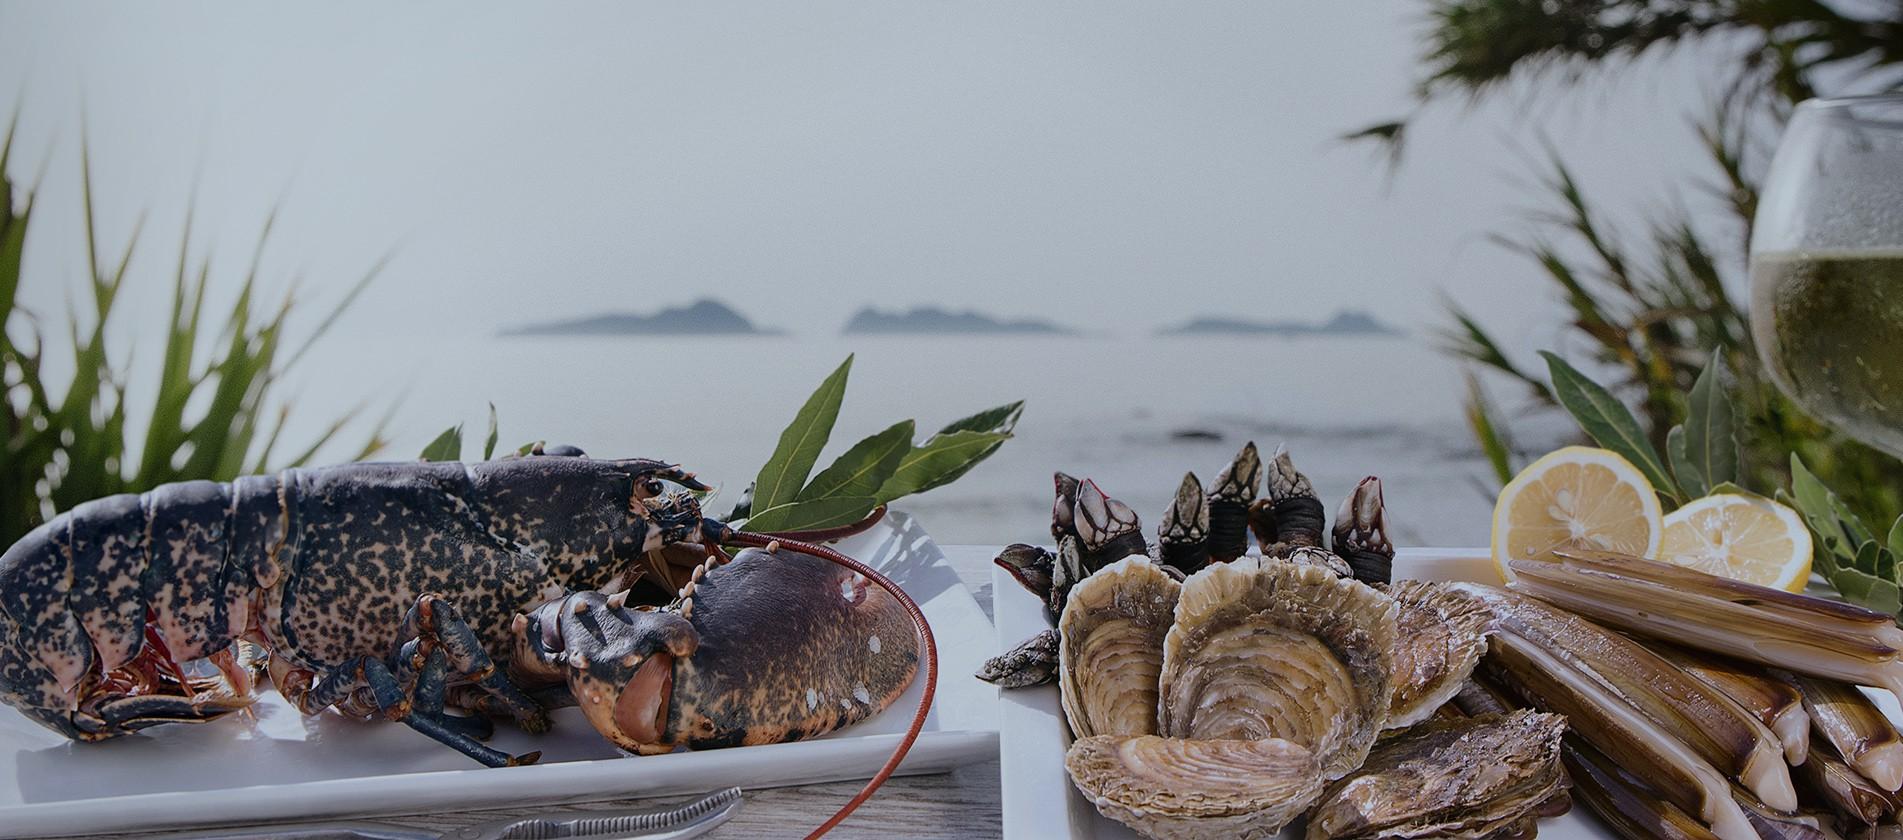 Seleccionamos los mejores ejemplares de pescado y marisco, como si lo hicieses tú mismo. De las lonjas gallegas directamente a tu casa.